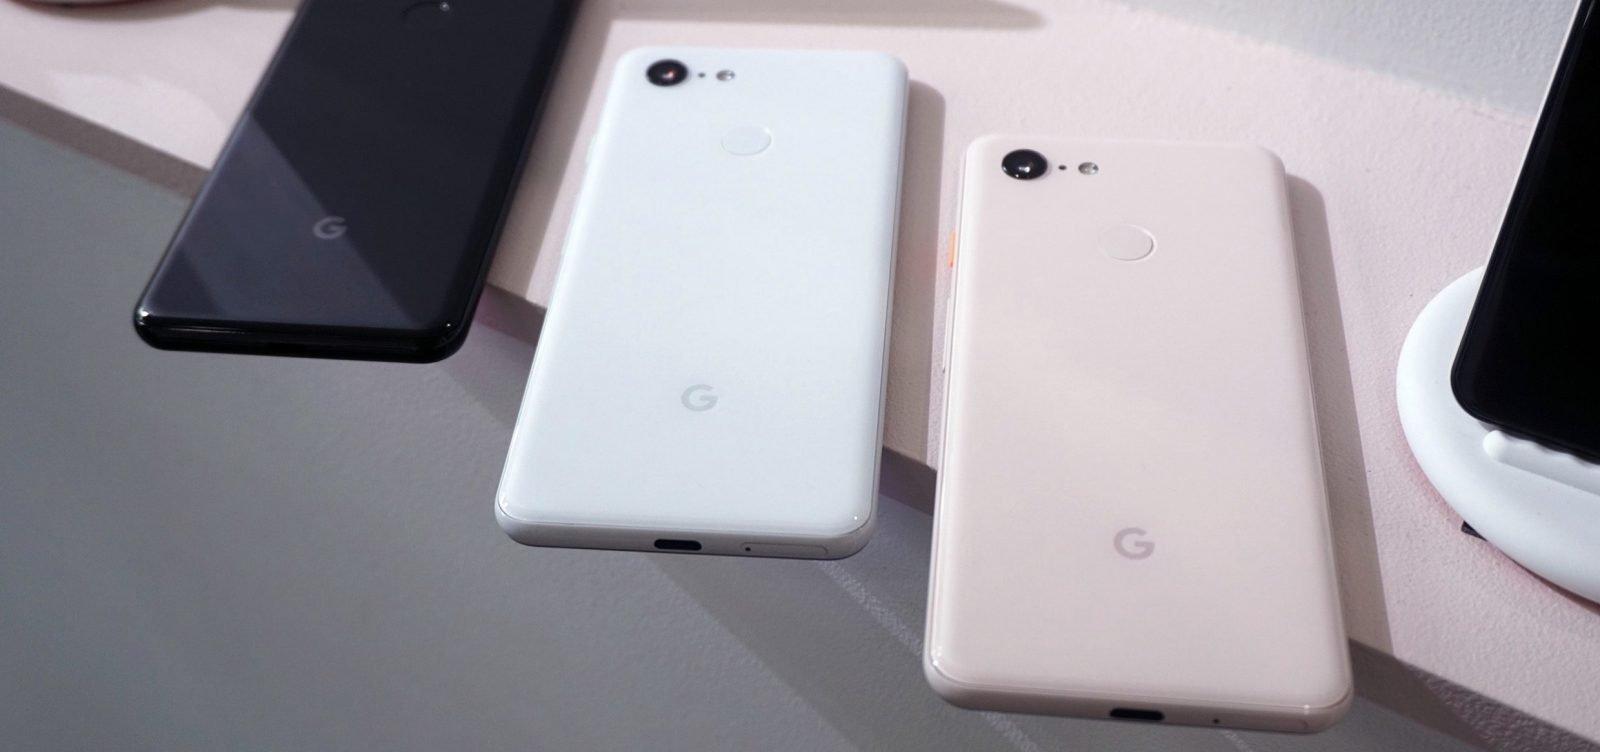 O Google não está ganhando o esperado com seu celular principal: o Pixel 3 2